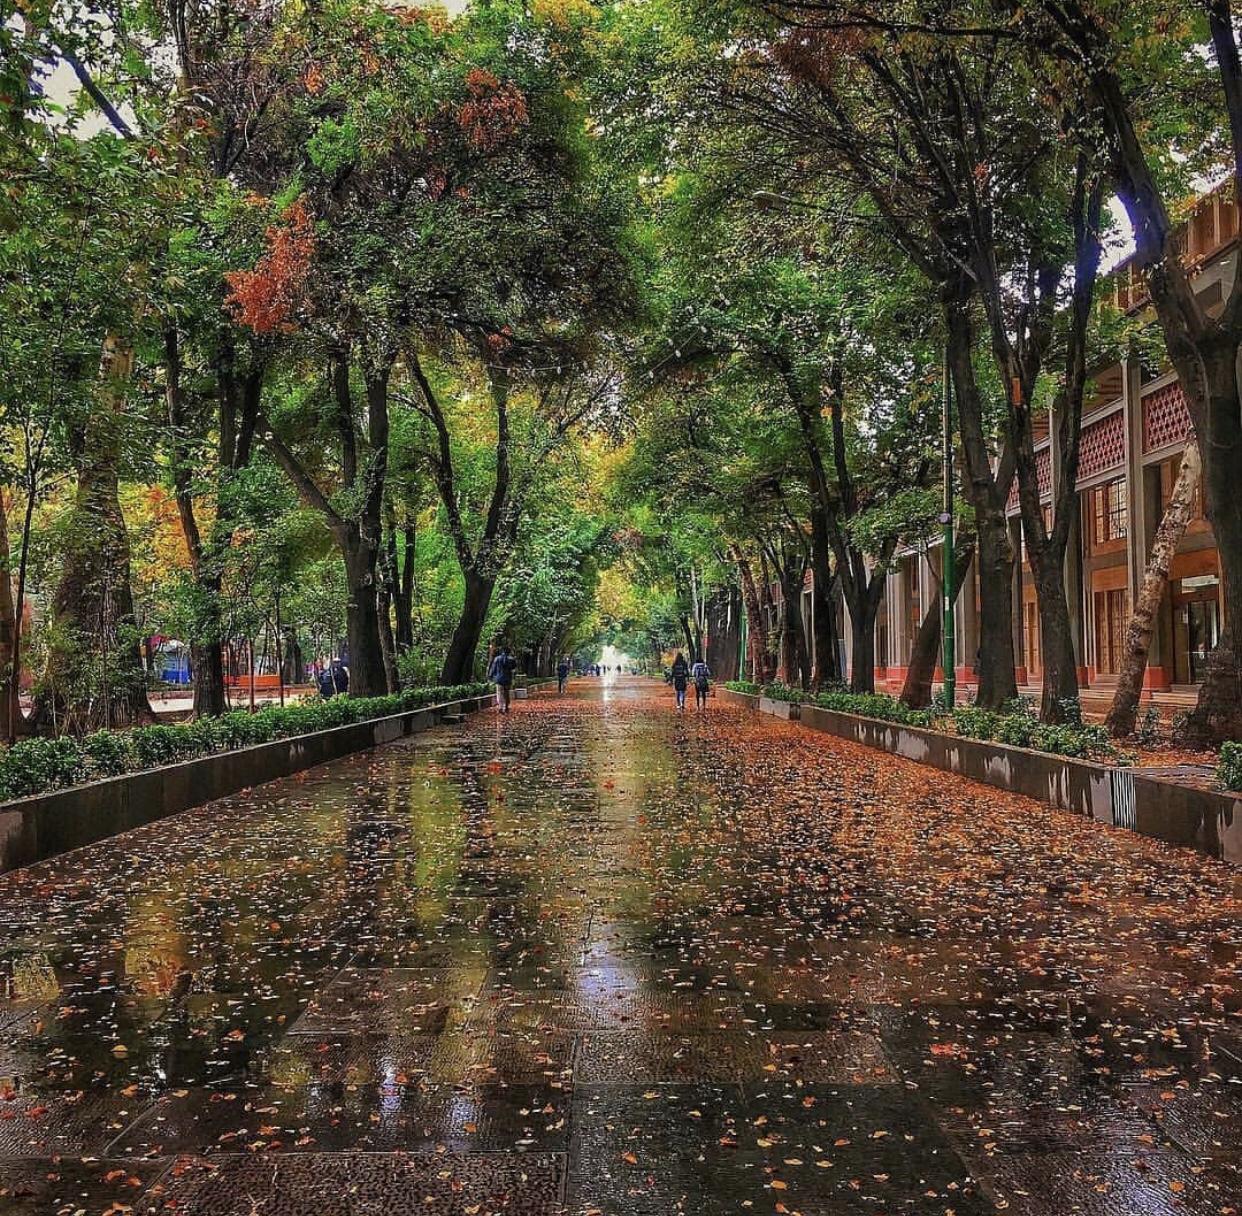 عدسة إيرانية |متنزه الحدائق الأربع في أصفهان 1